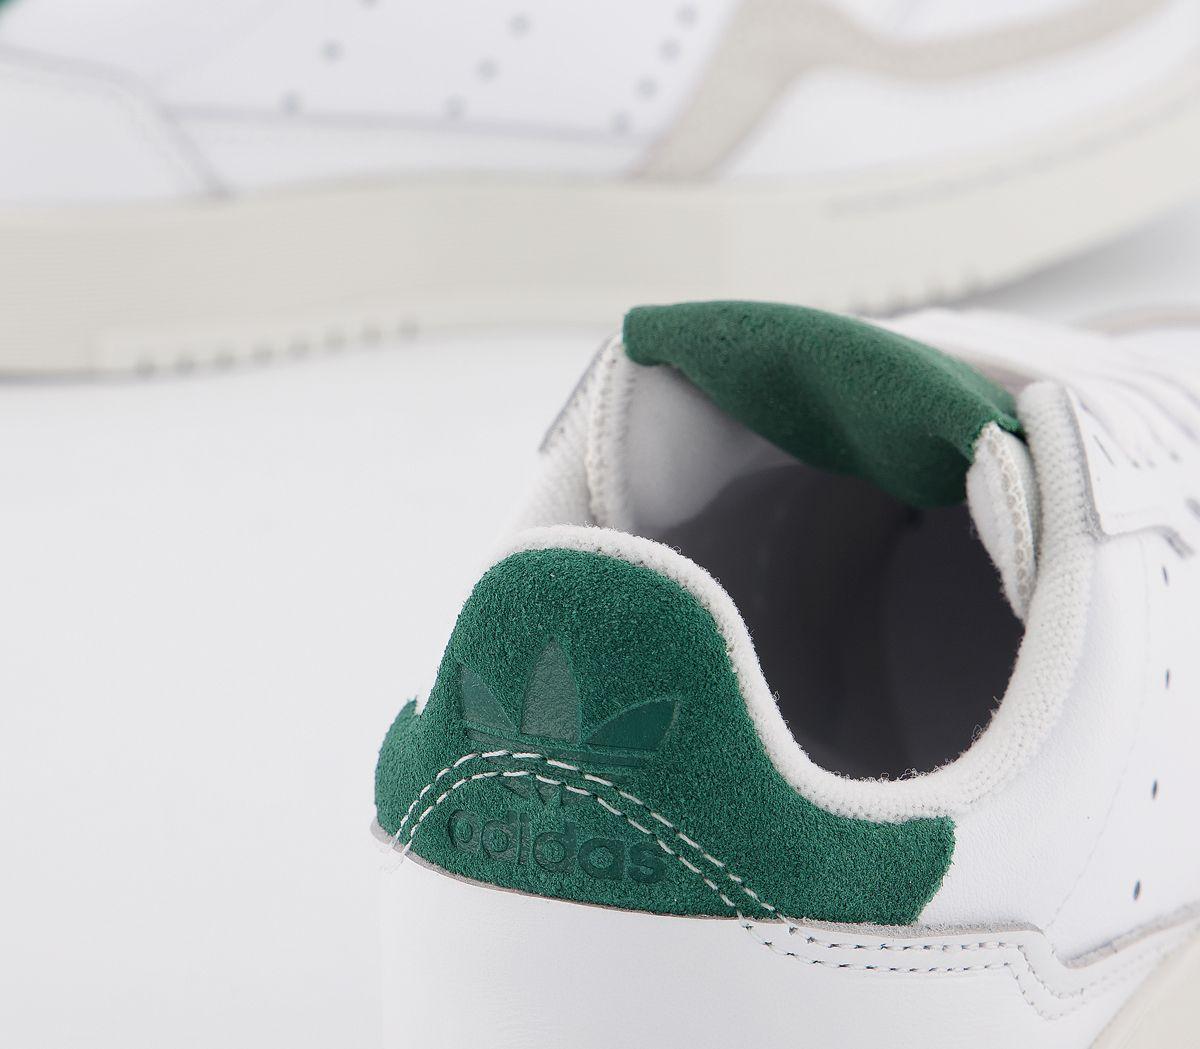 Hommes-Adidas-Supercourt-Baskets-Blanc-White-Collegiate-Vert-Baskets miniature 3